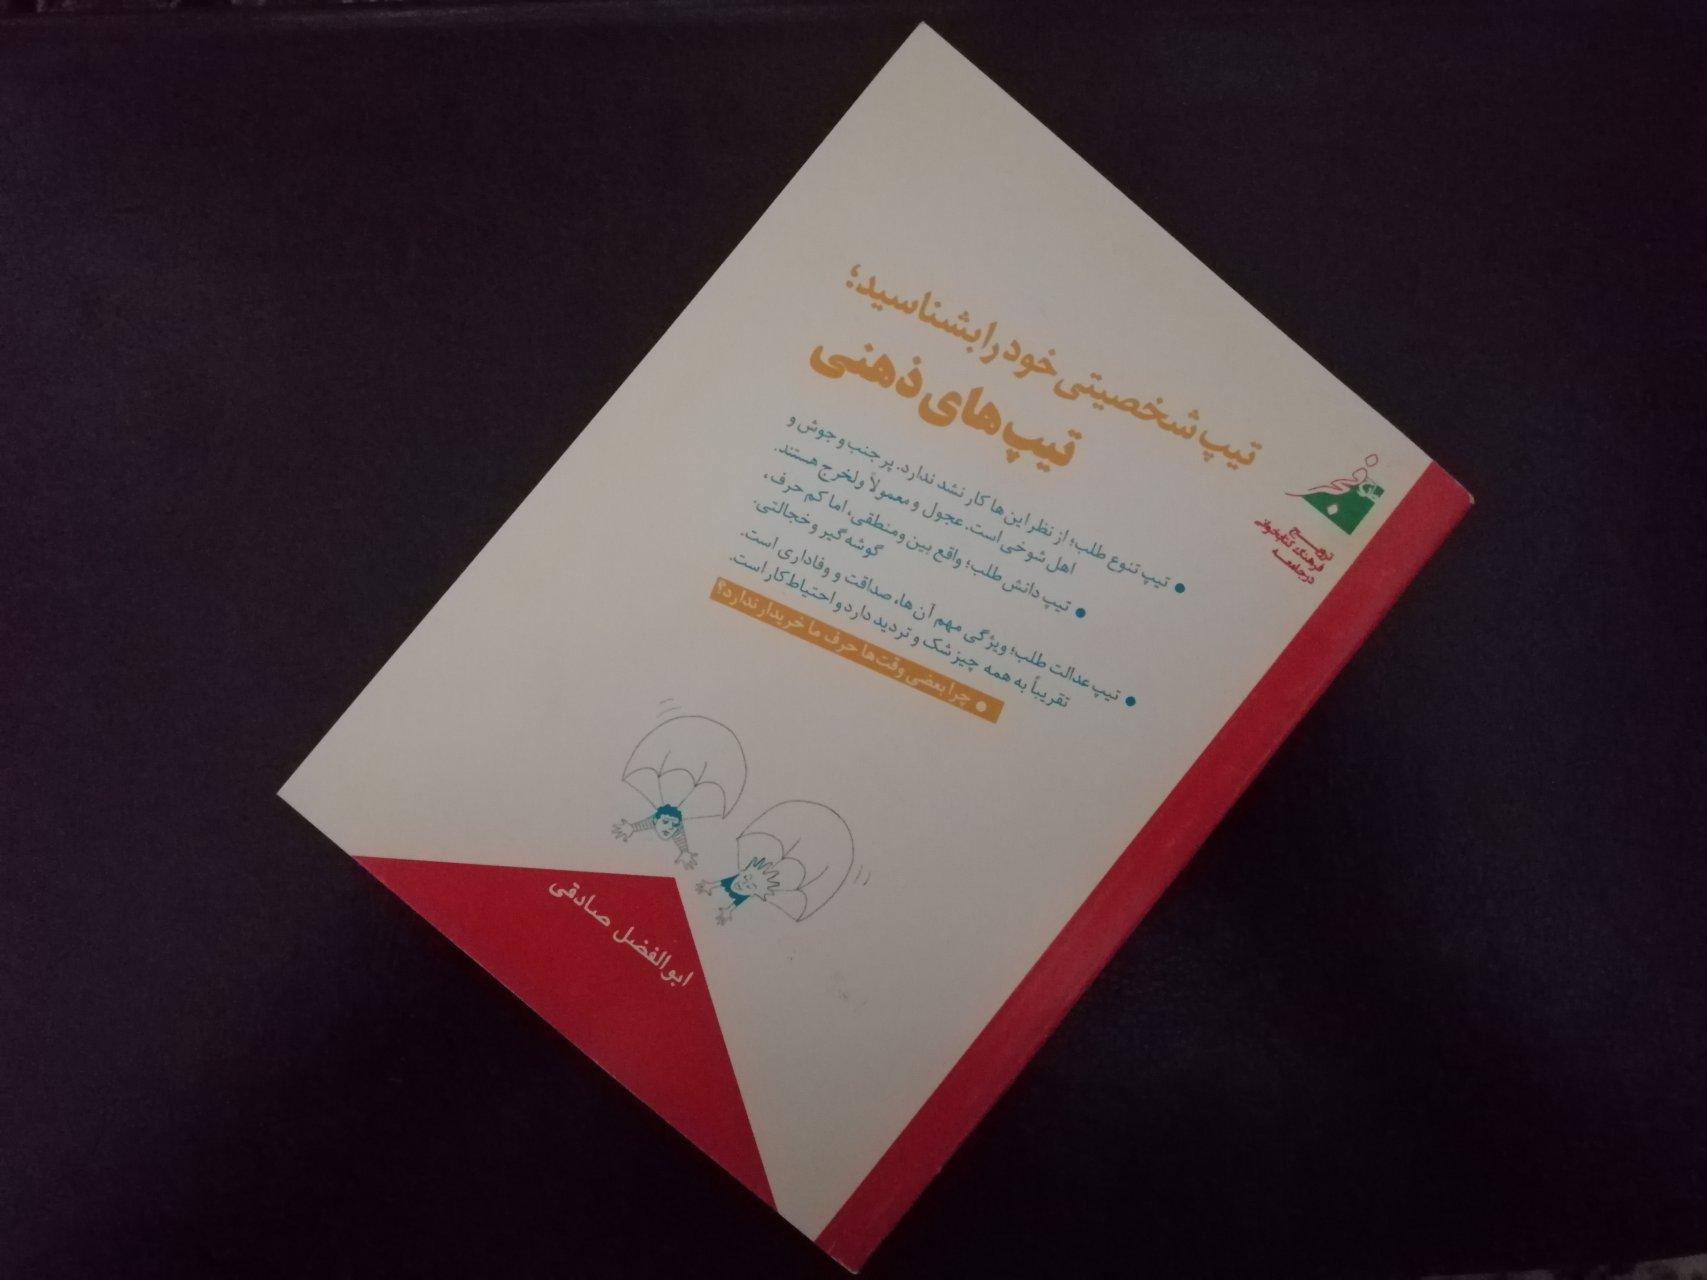 کتاب الکترونیکی تیپهای ذهنی اثر ابوالفضل صادقی